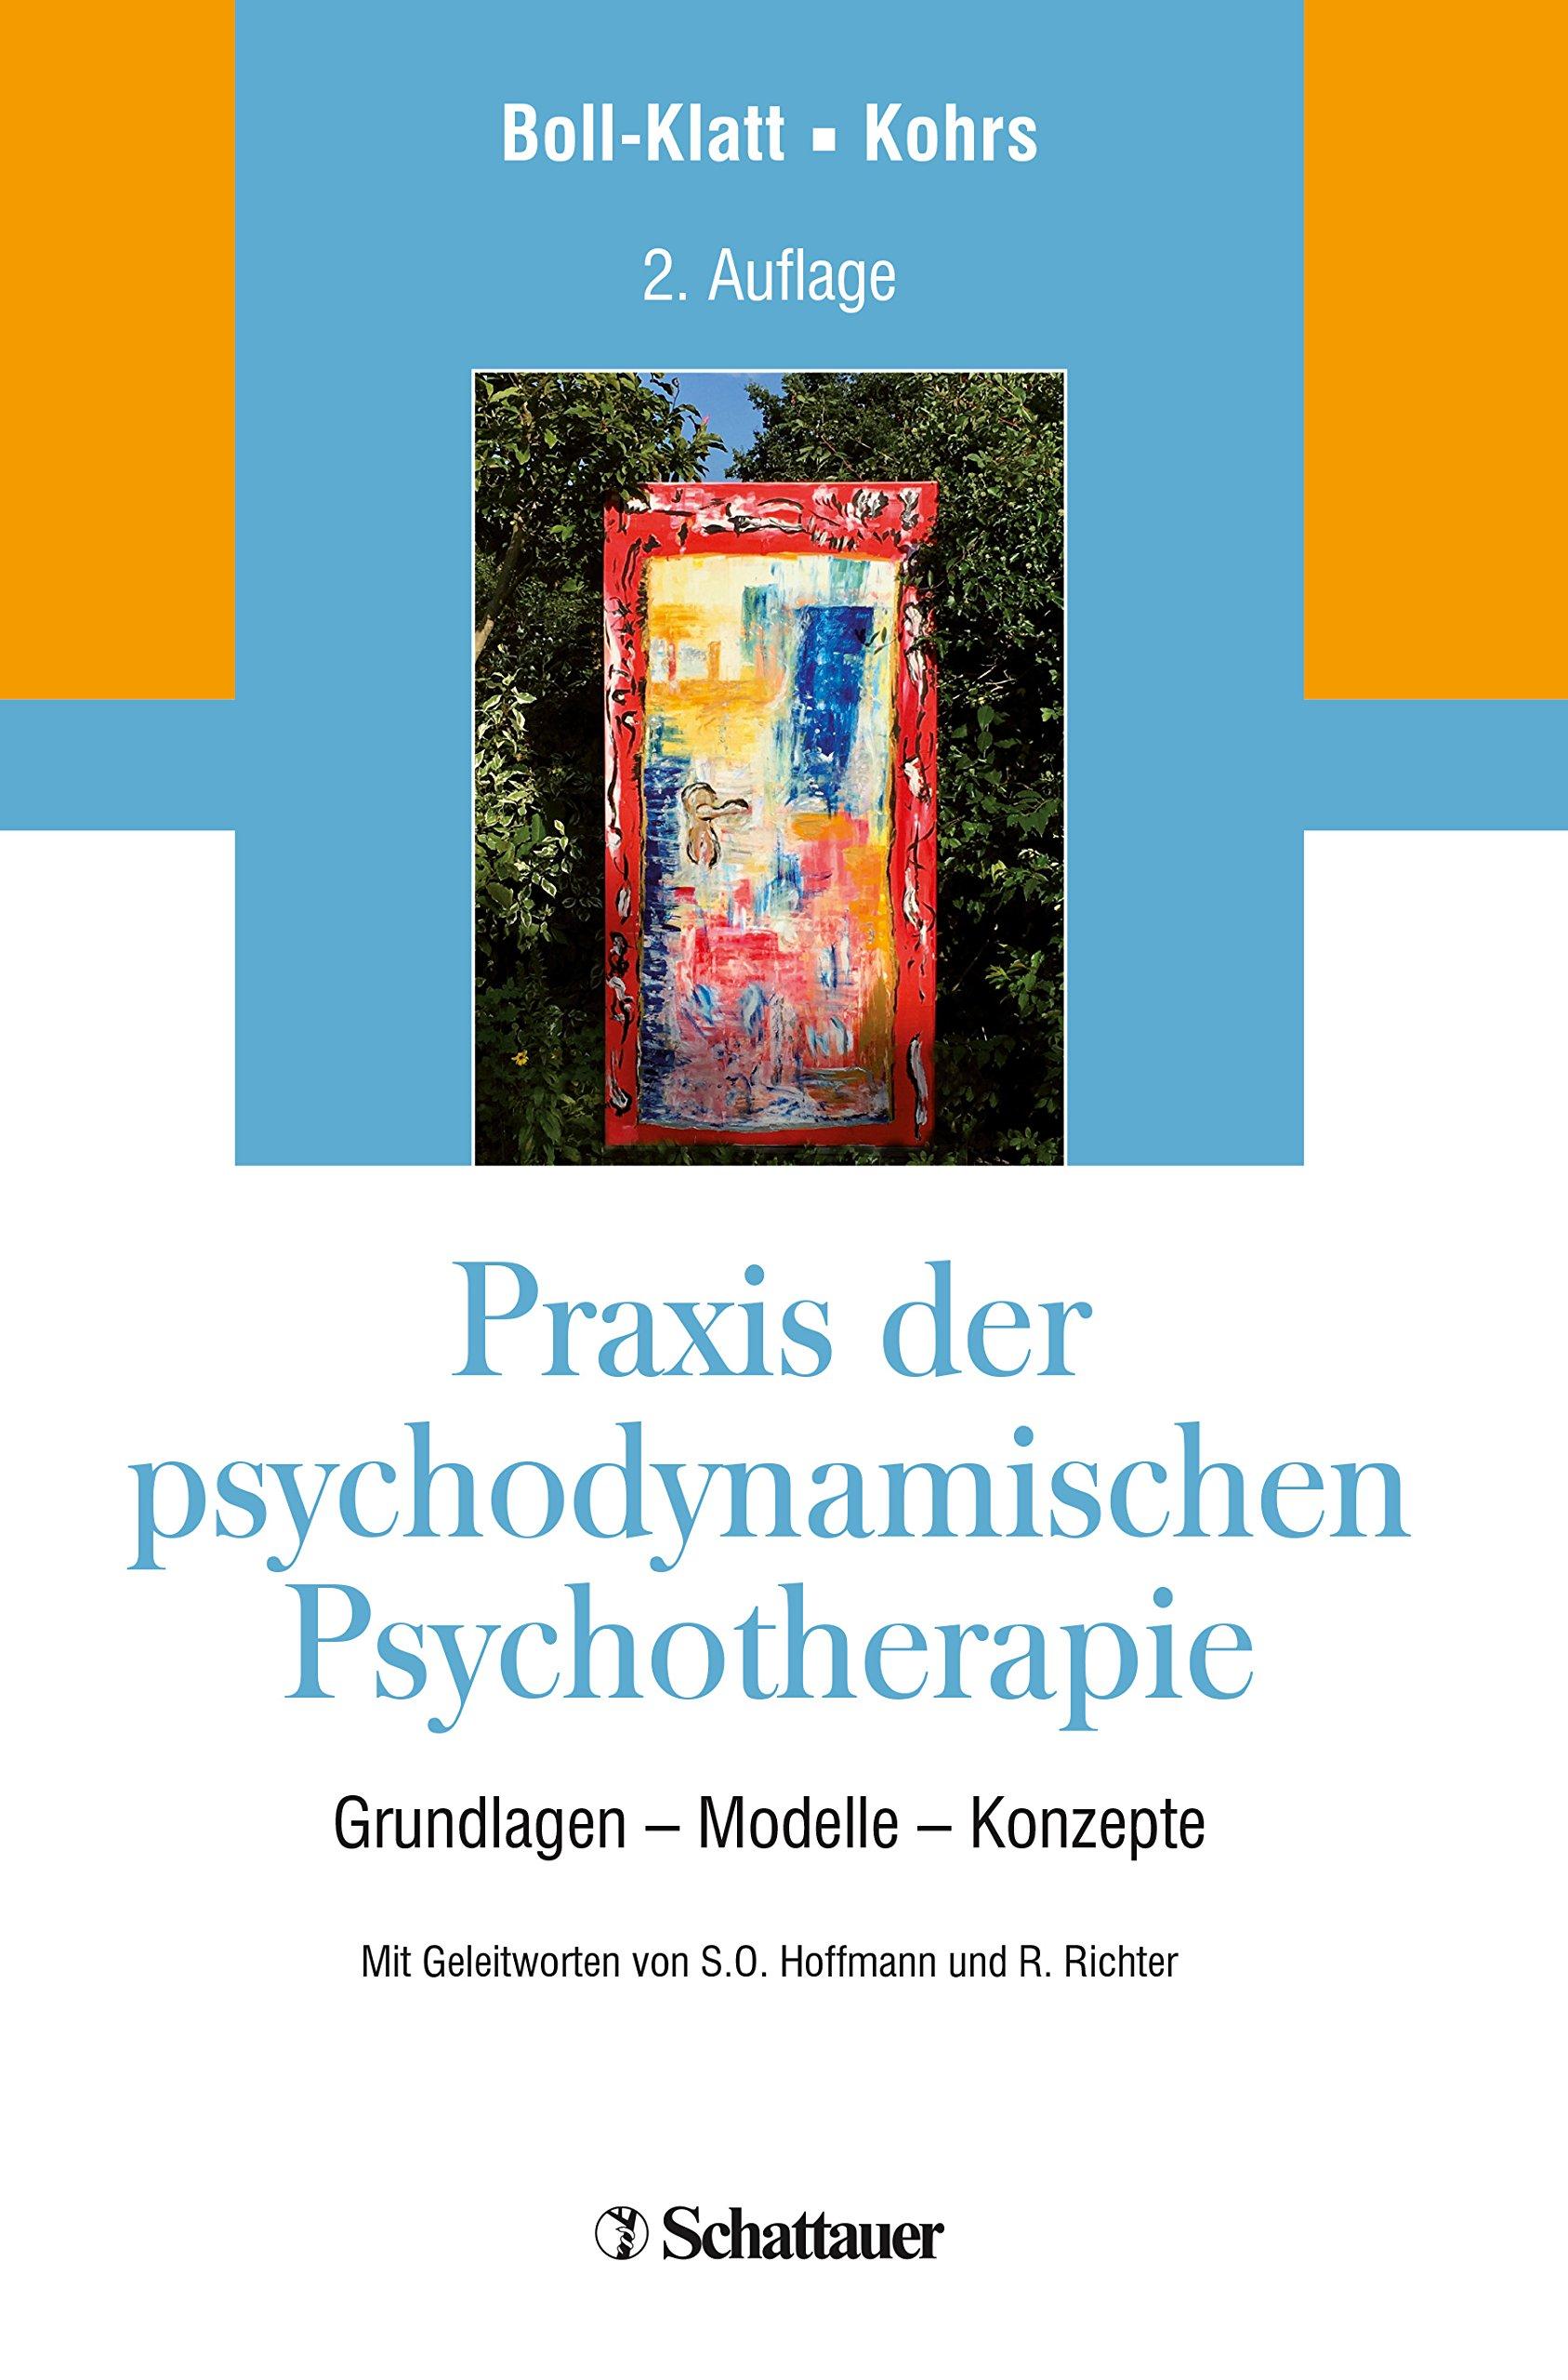 Praxis der psychodynamischen Psychotherapie: Grundlagen - Modelle - Konzepte